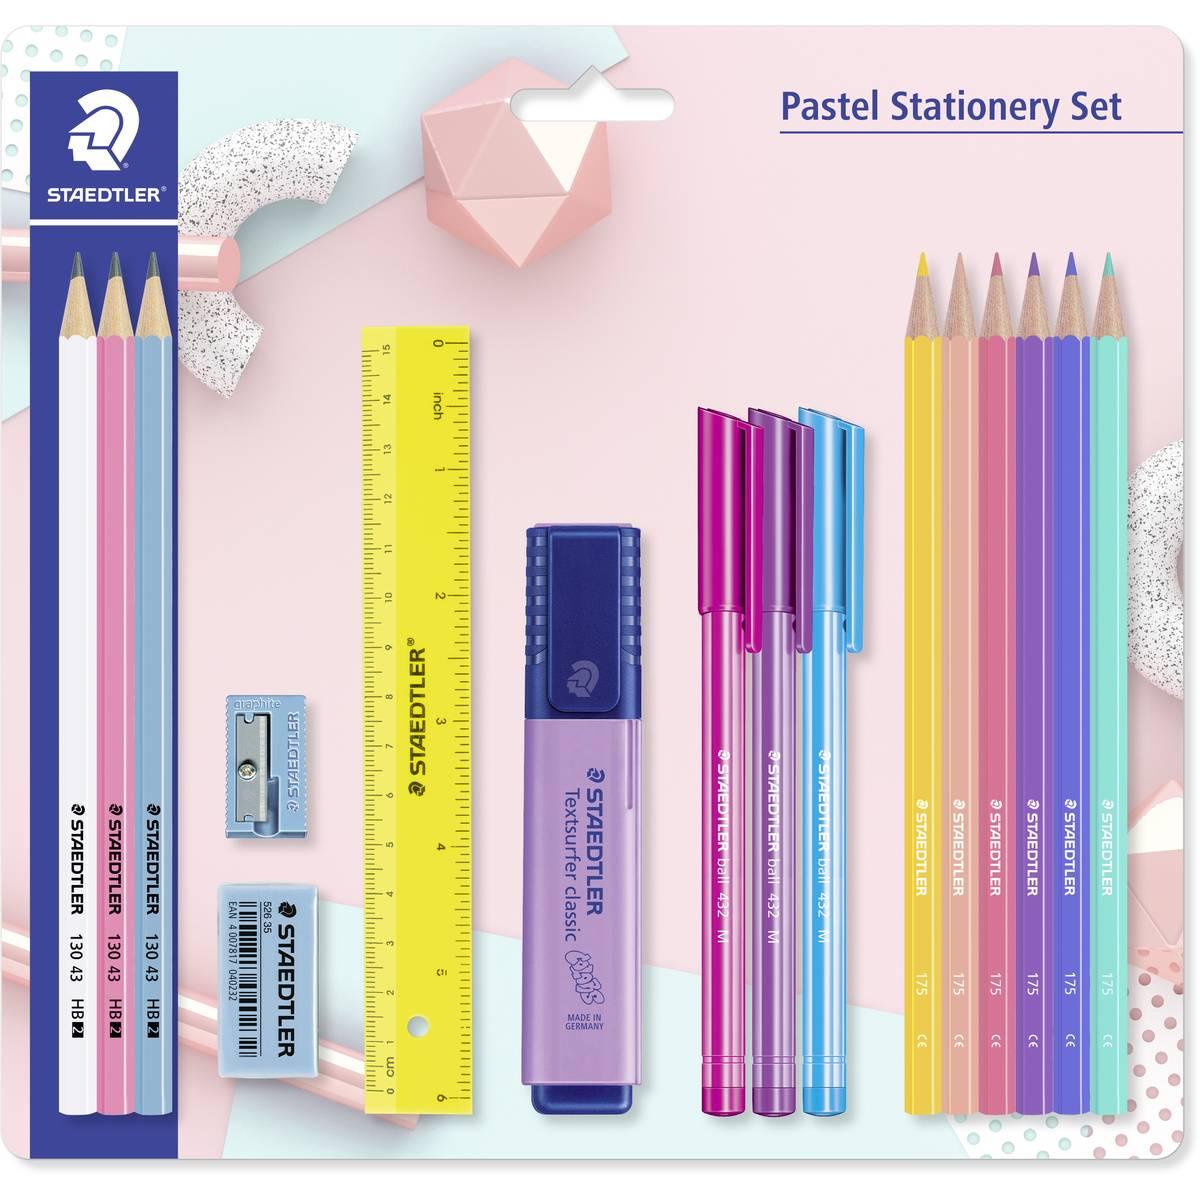 Staedtler pastel stationery set 55p @ ASDA (Taunton)